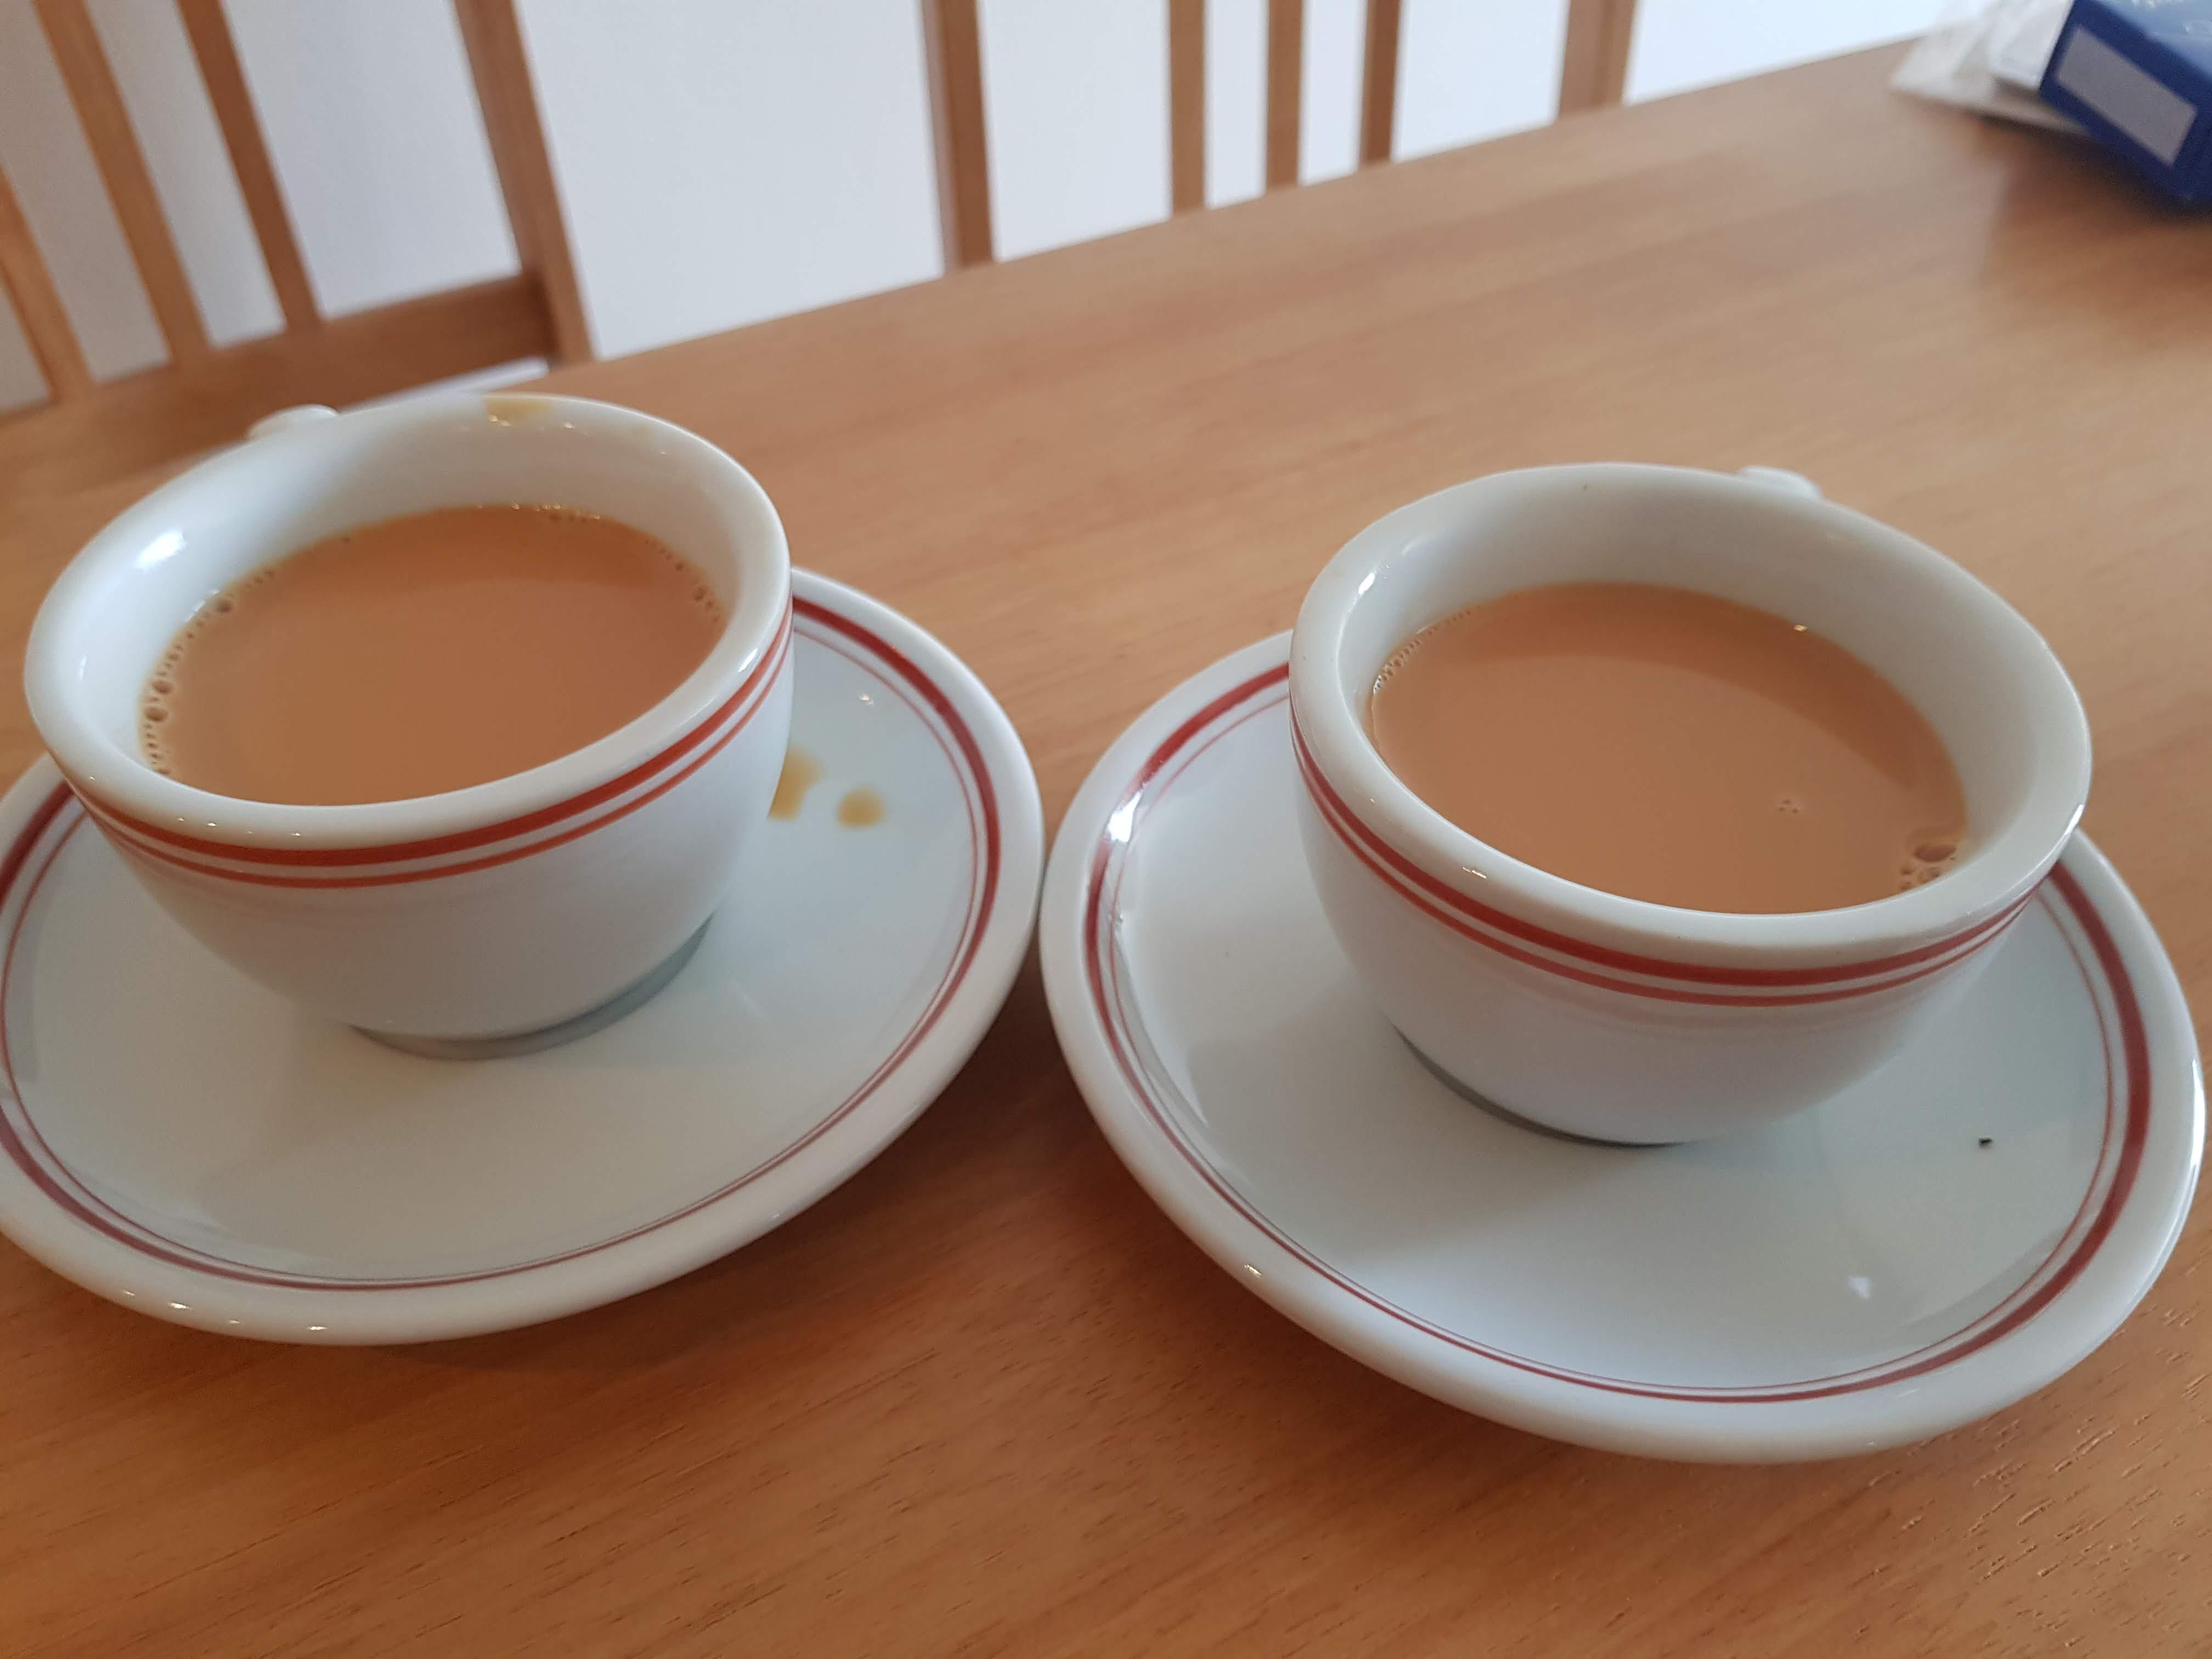 正宗港式奶茶 - 用茶包和家常廚房工具